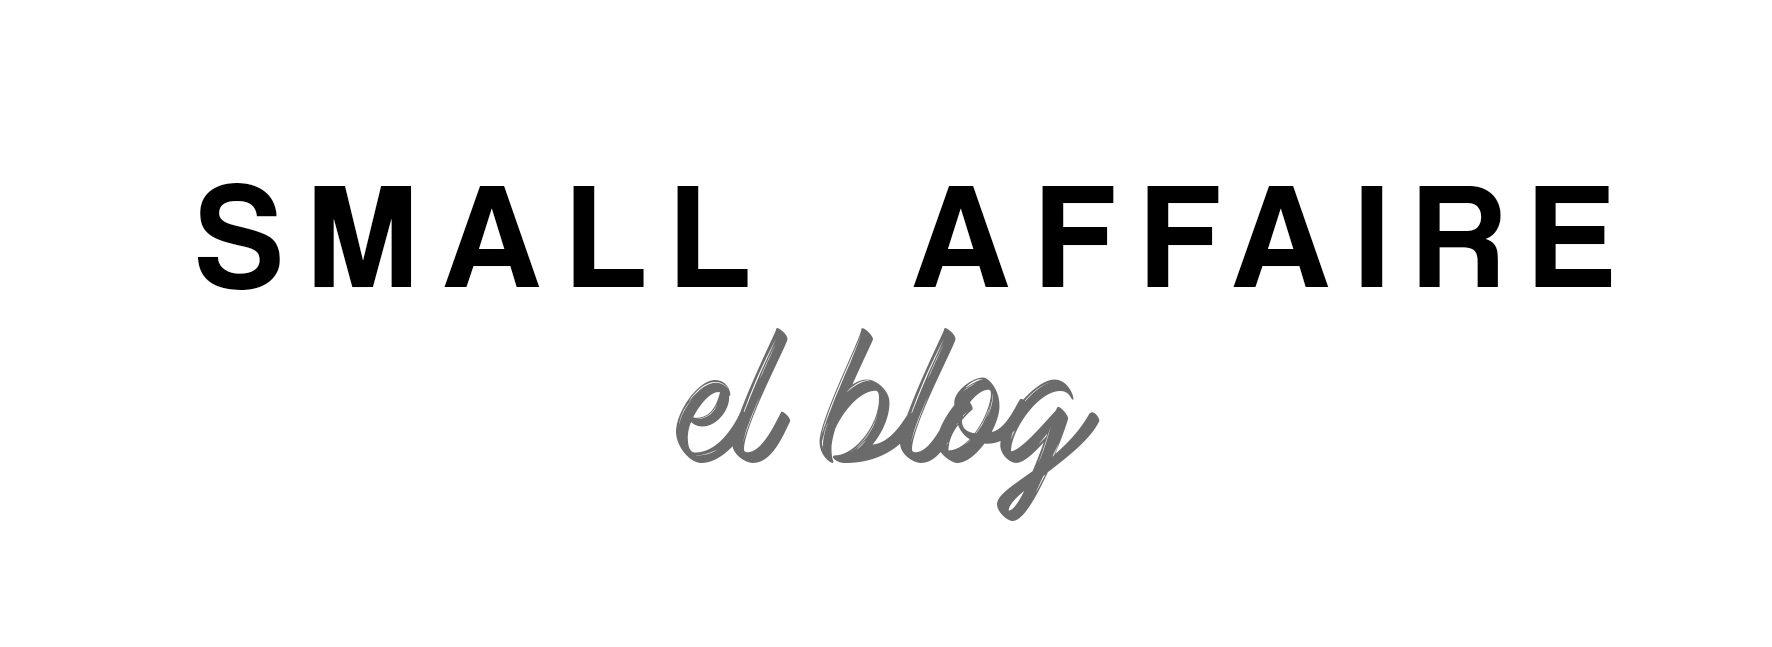 Small Affaire El Blog